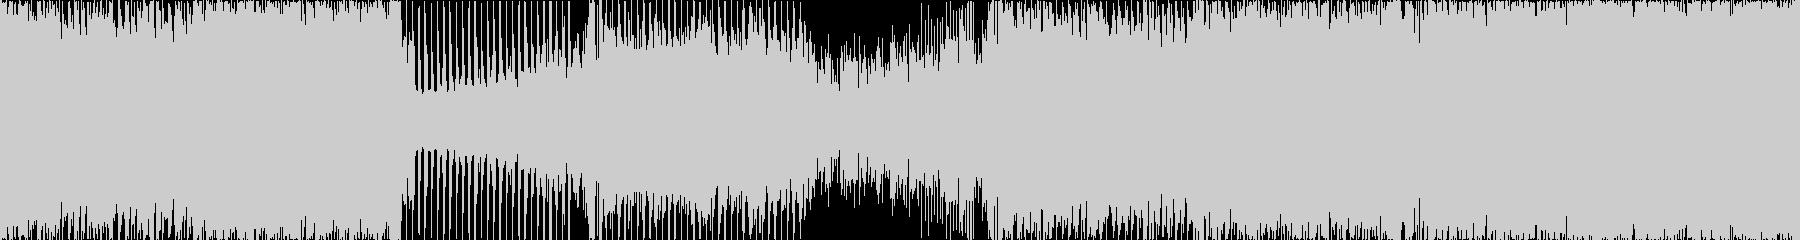 【ループ仕様】明るい雰囲気で前向きな楽曲の未再生の波形